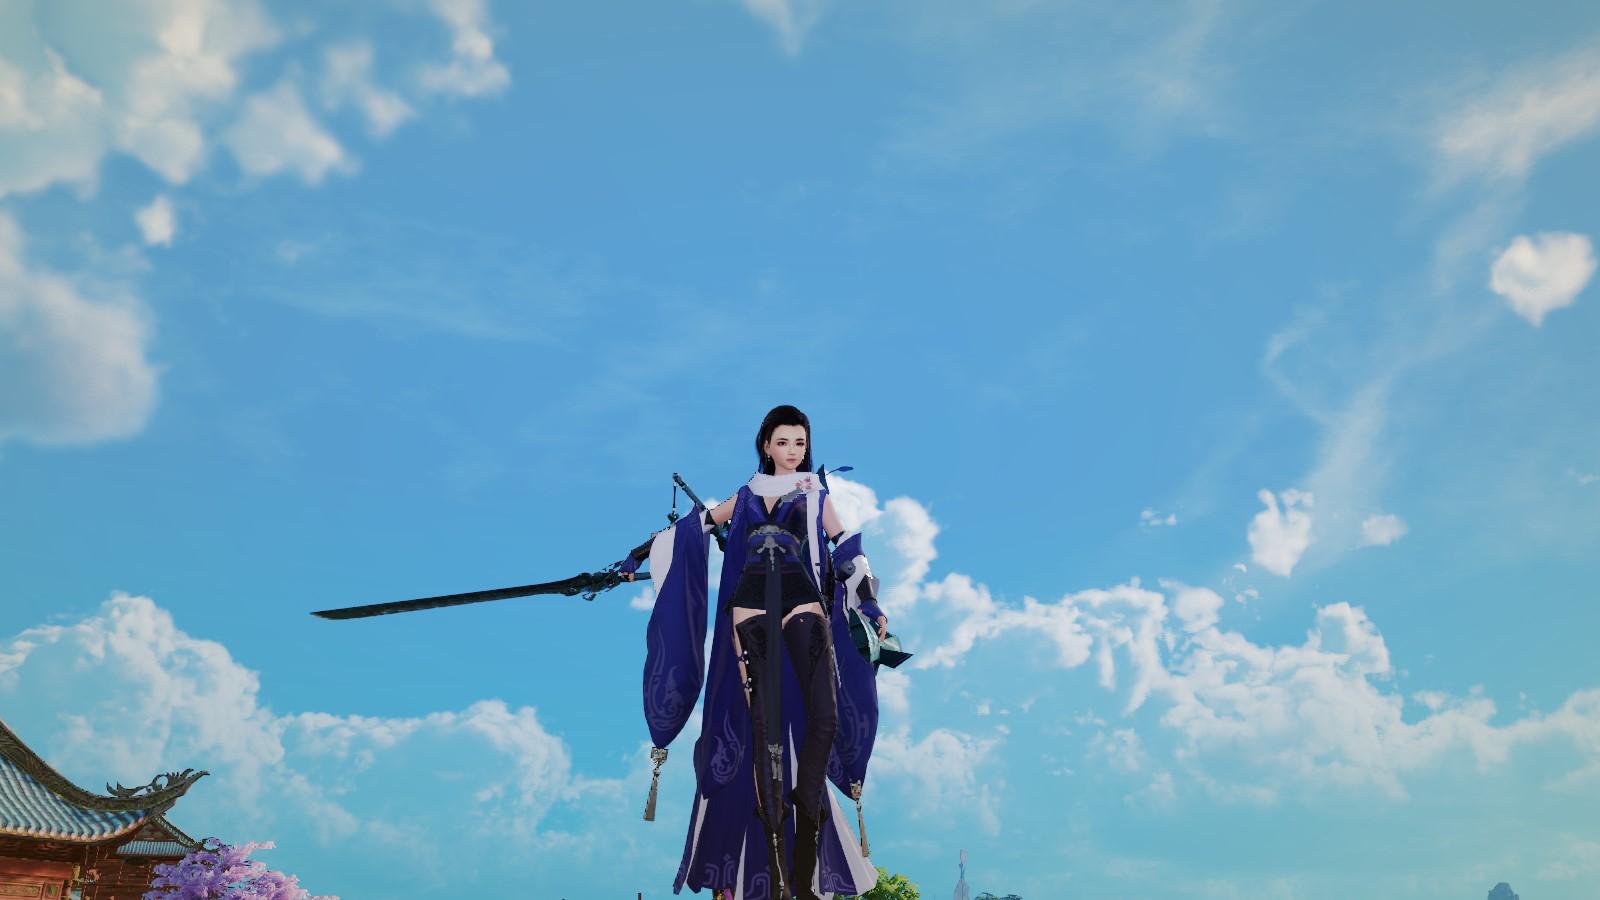 剑三的重置版,我觉得光是看风景我能看一年